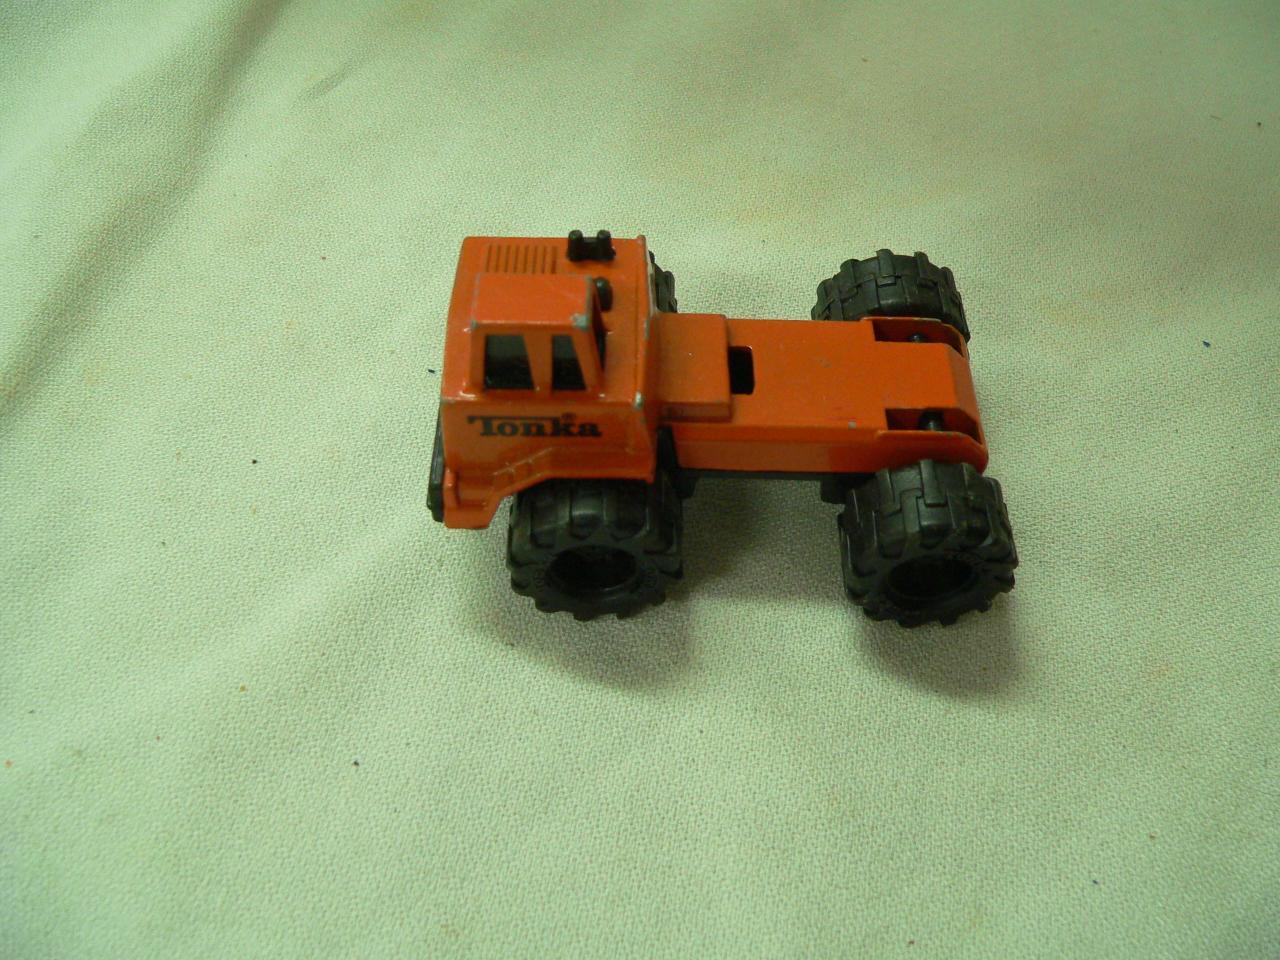 Camion tonka # 3968.2